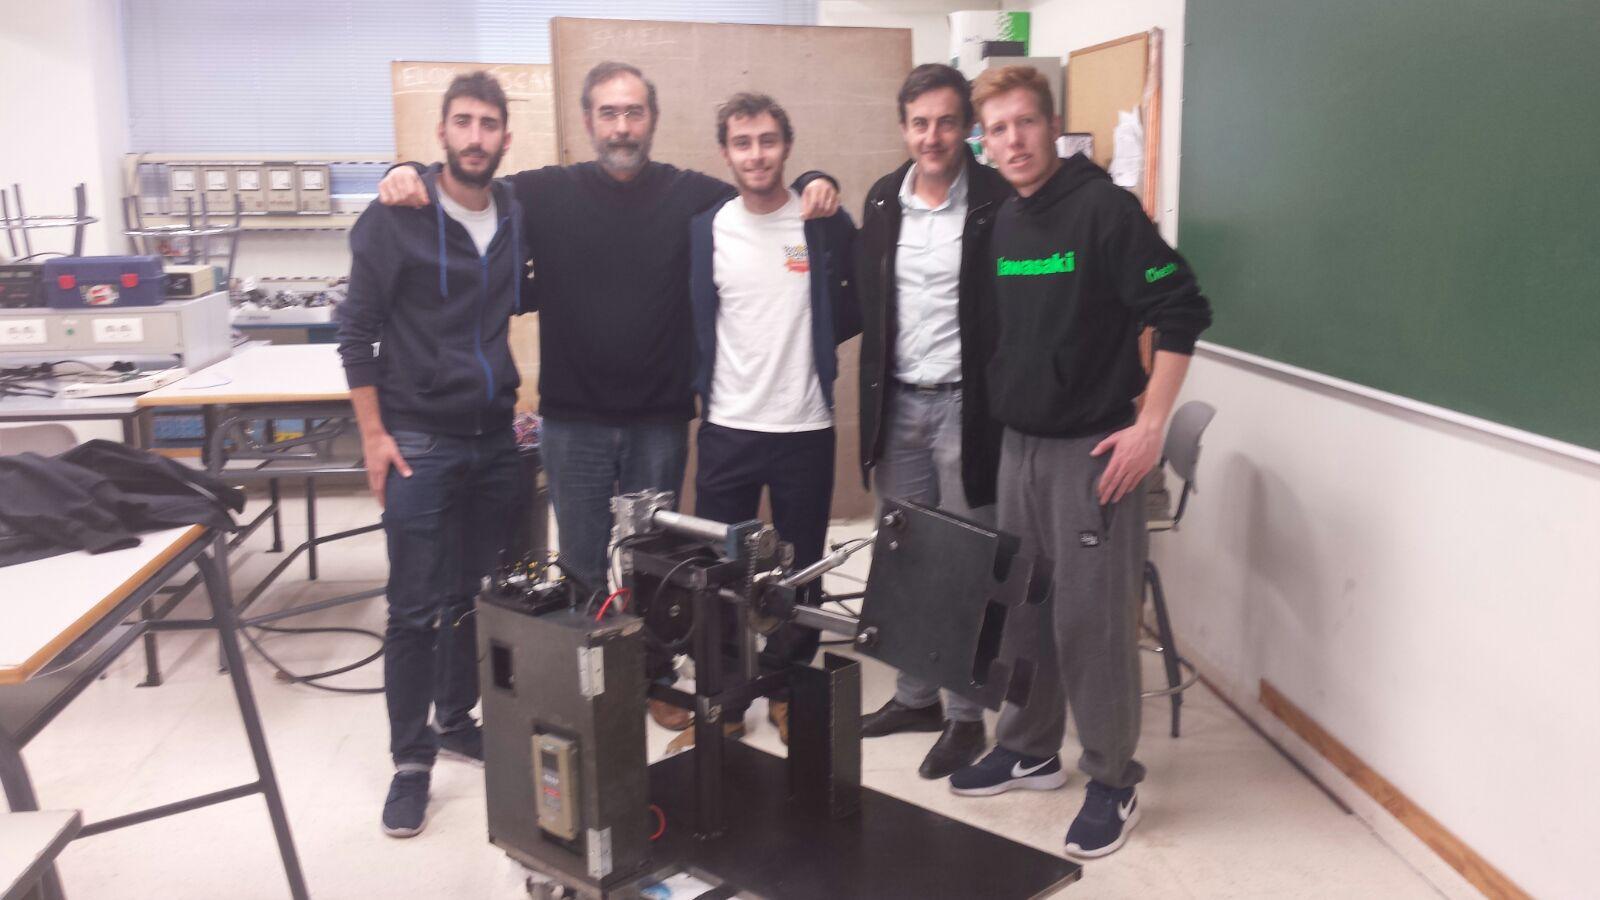 El Dr. Rafael Sánchez Grandía (segundo por la izquierda) y Rafael Bazán Devis, CEO de Umnixok Innovation (segundo por la derecha) junto a uno de los equipos de estudiantes de 2º de Mecatrónica